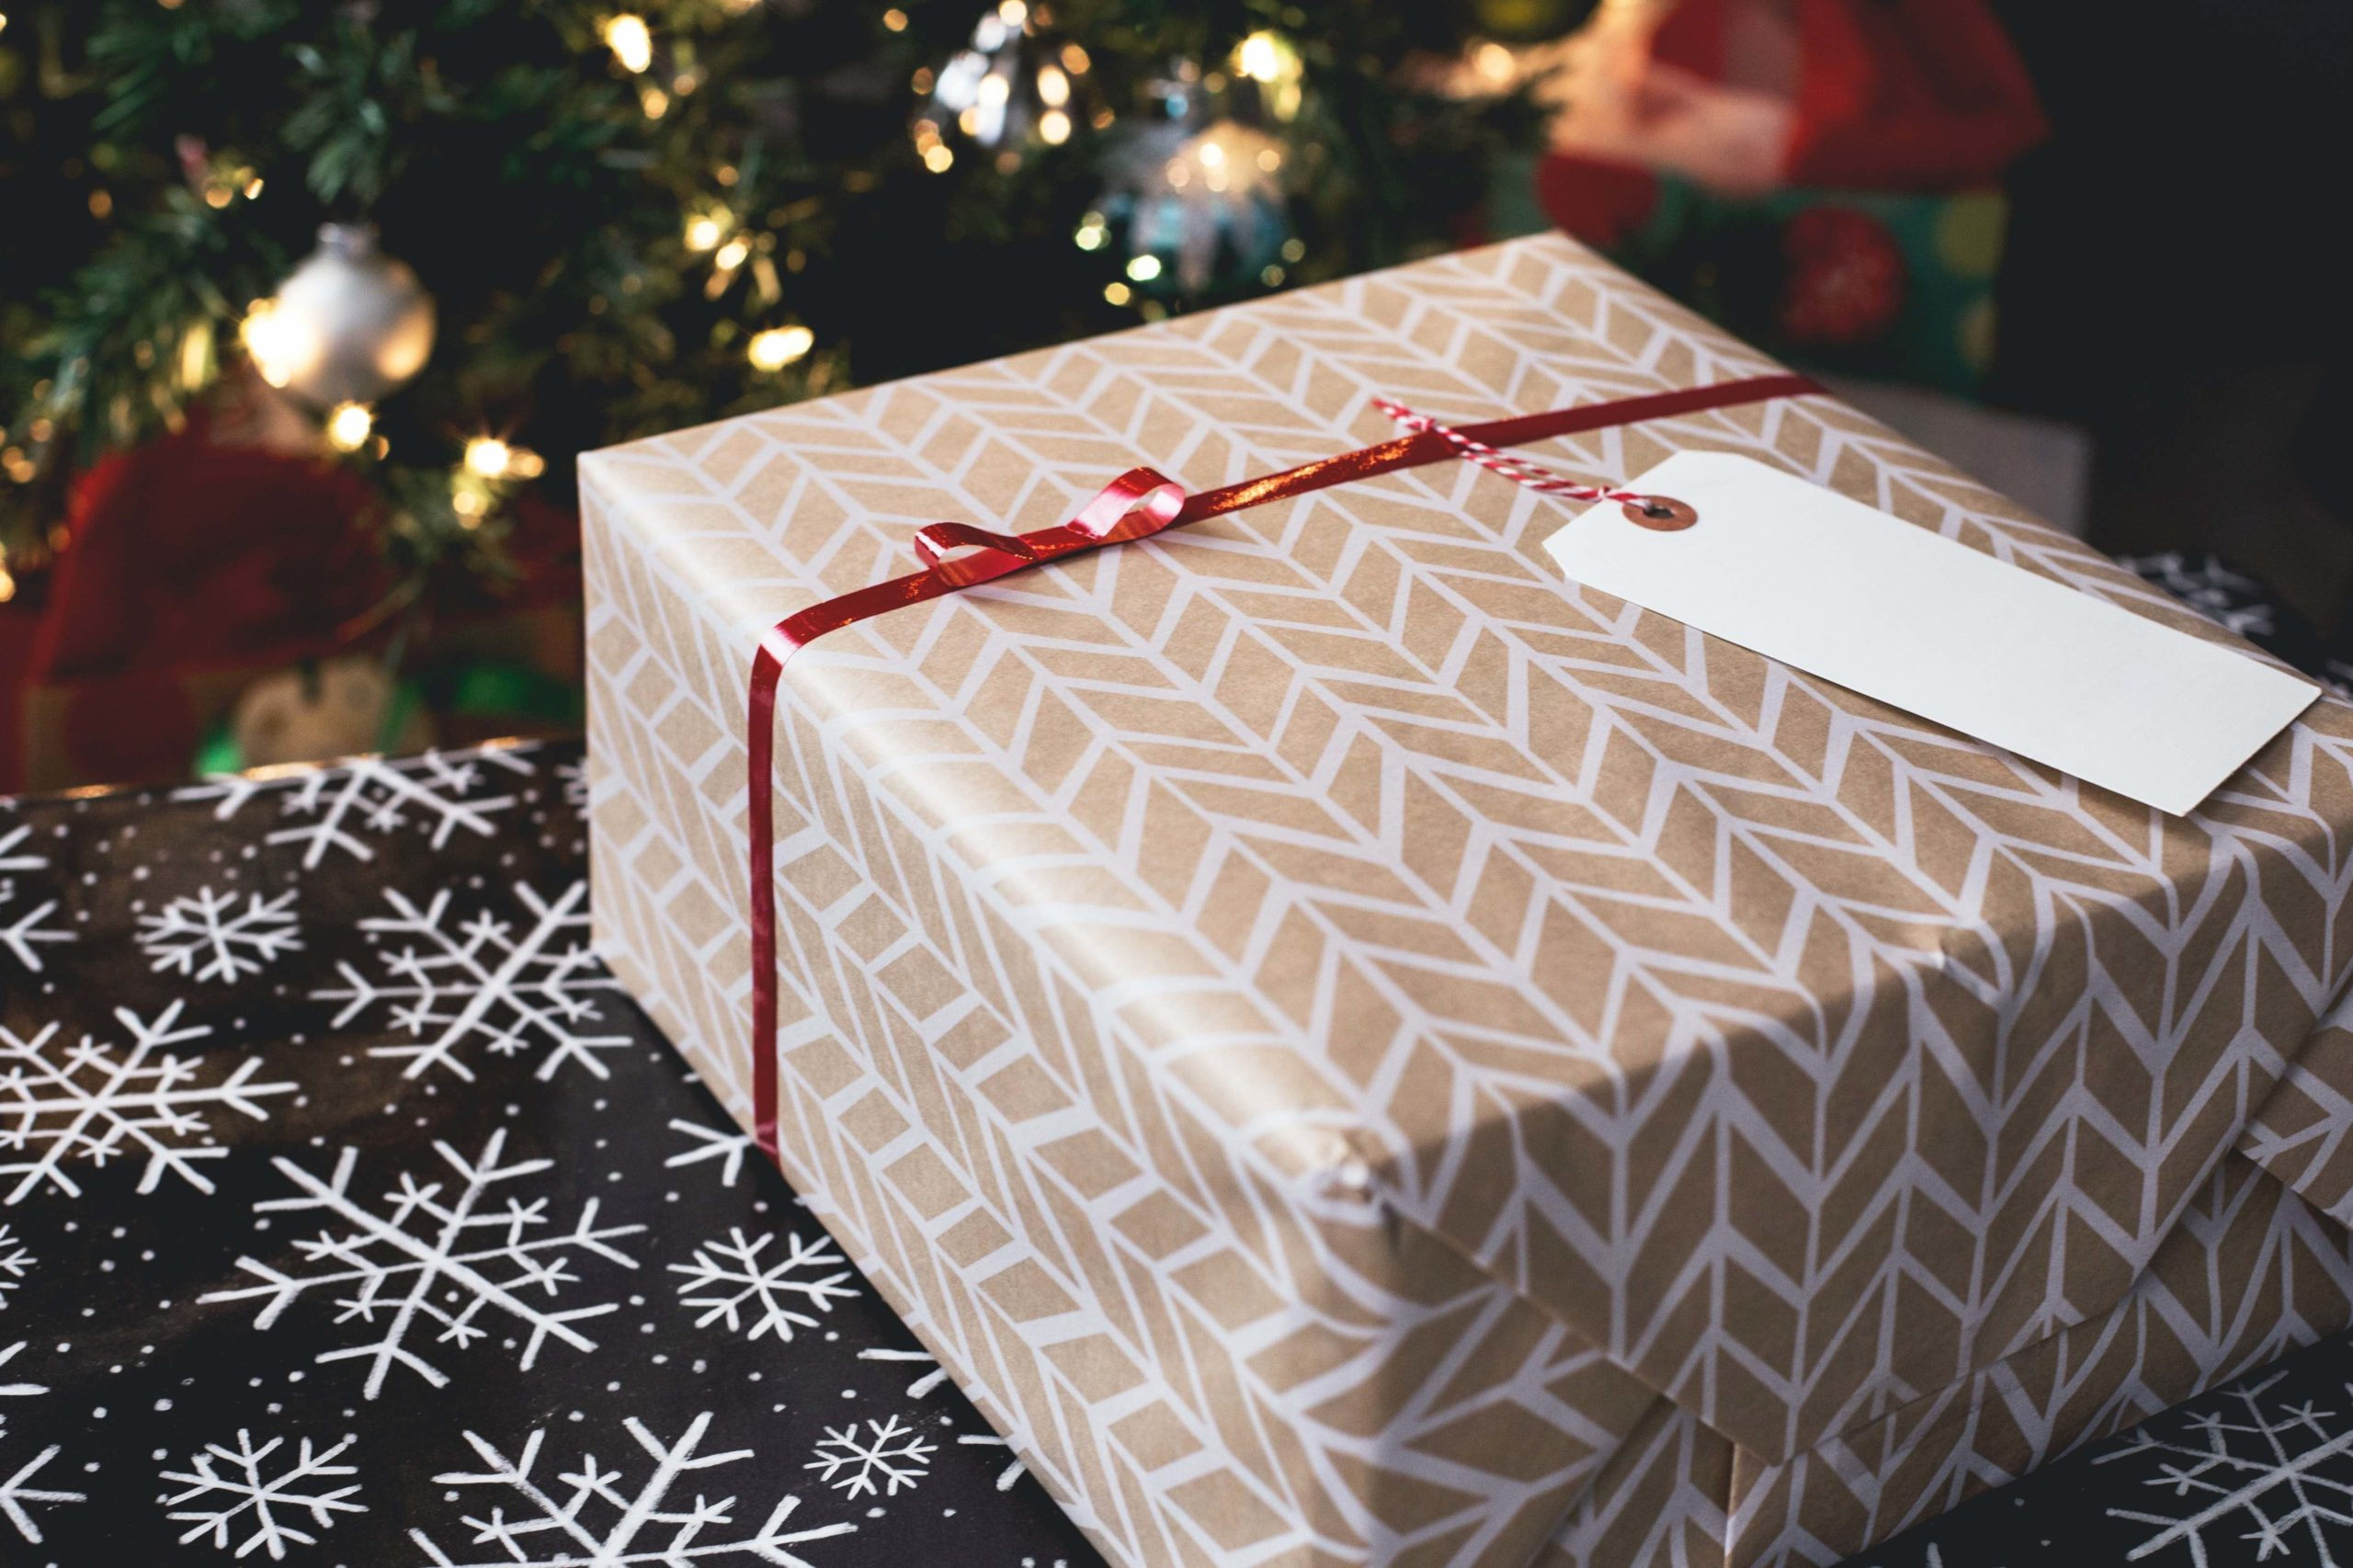 小学生の子供におすすめのクリスマスプレゼント 【高学年編】